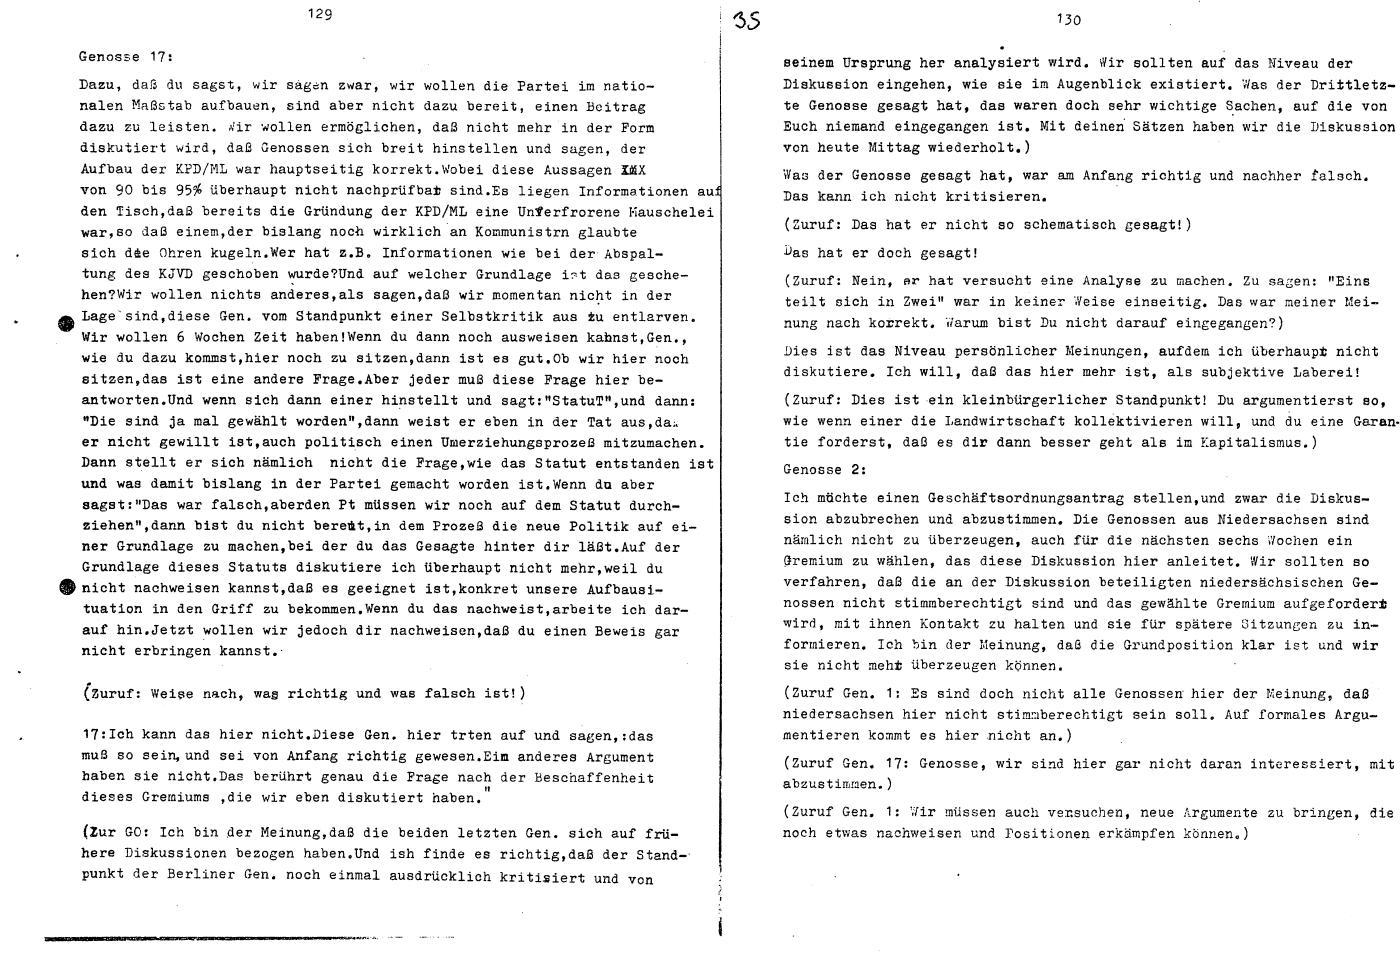 KPDML_1971_Wortprotokolle_aoPt_123